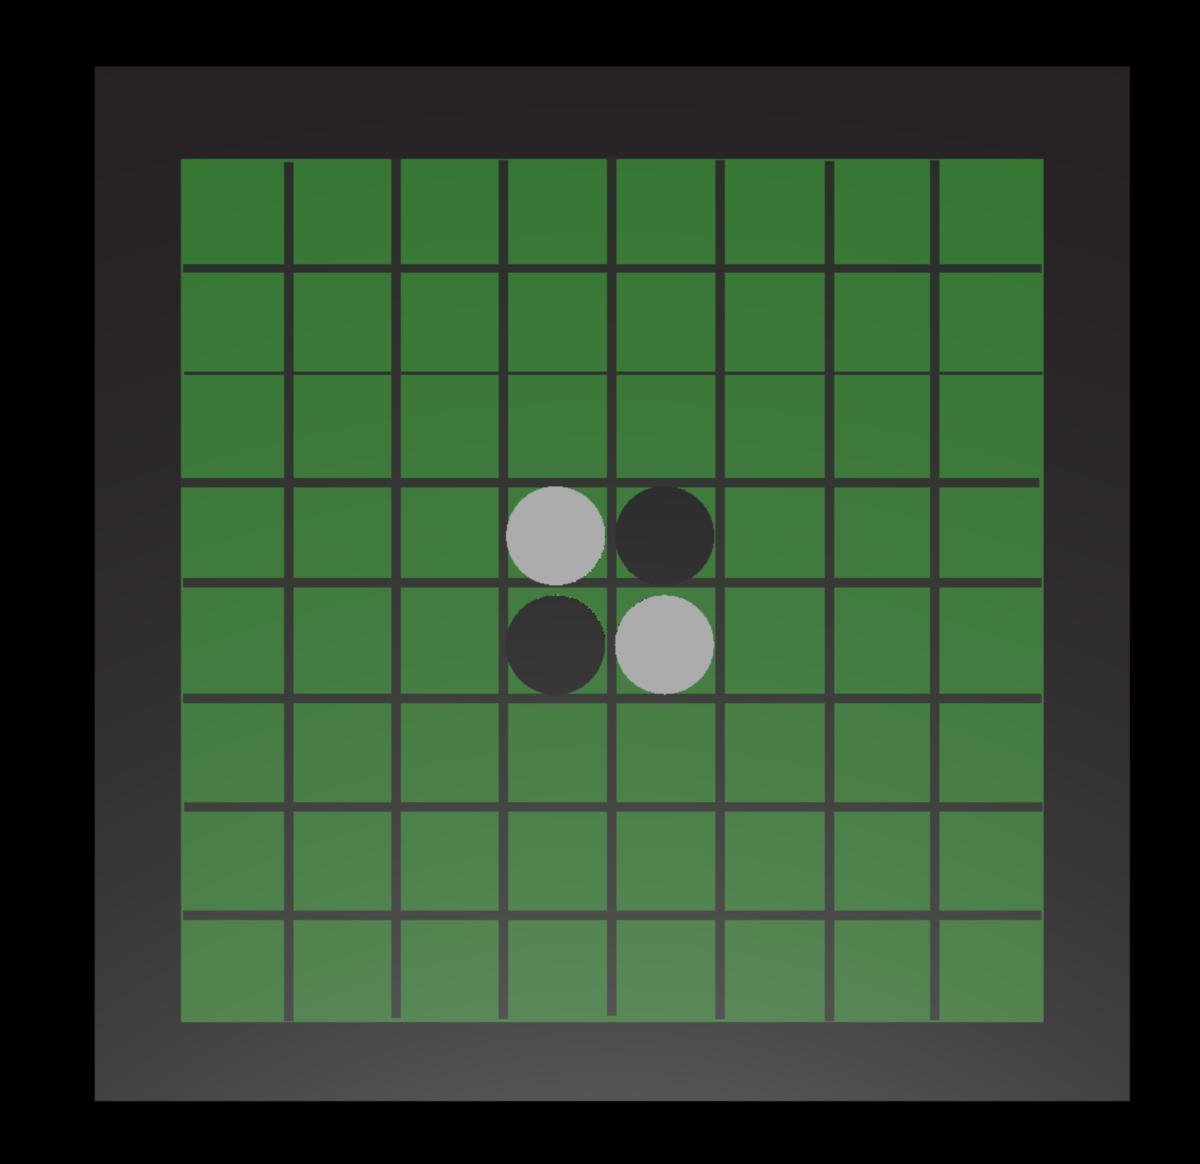 f:id:kt-watson:20200622111932p:plain